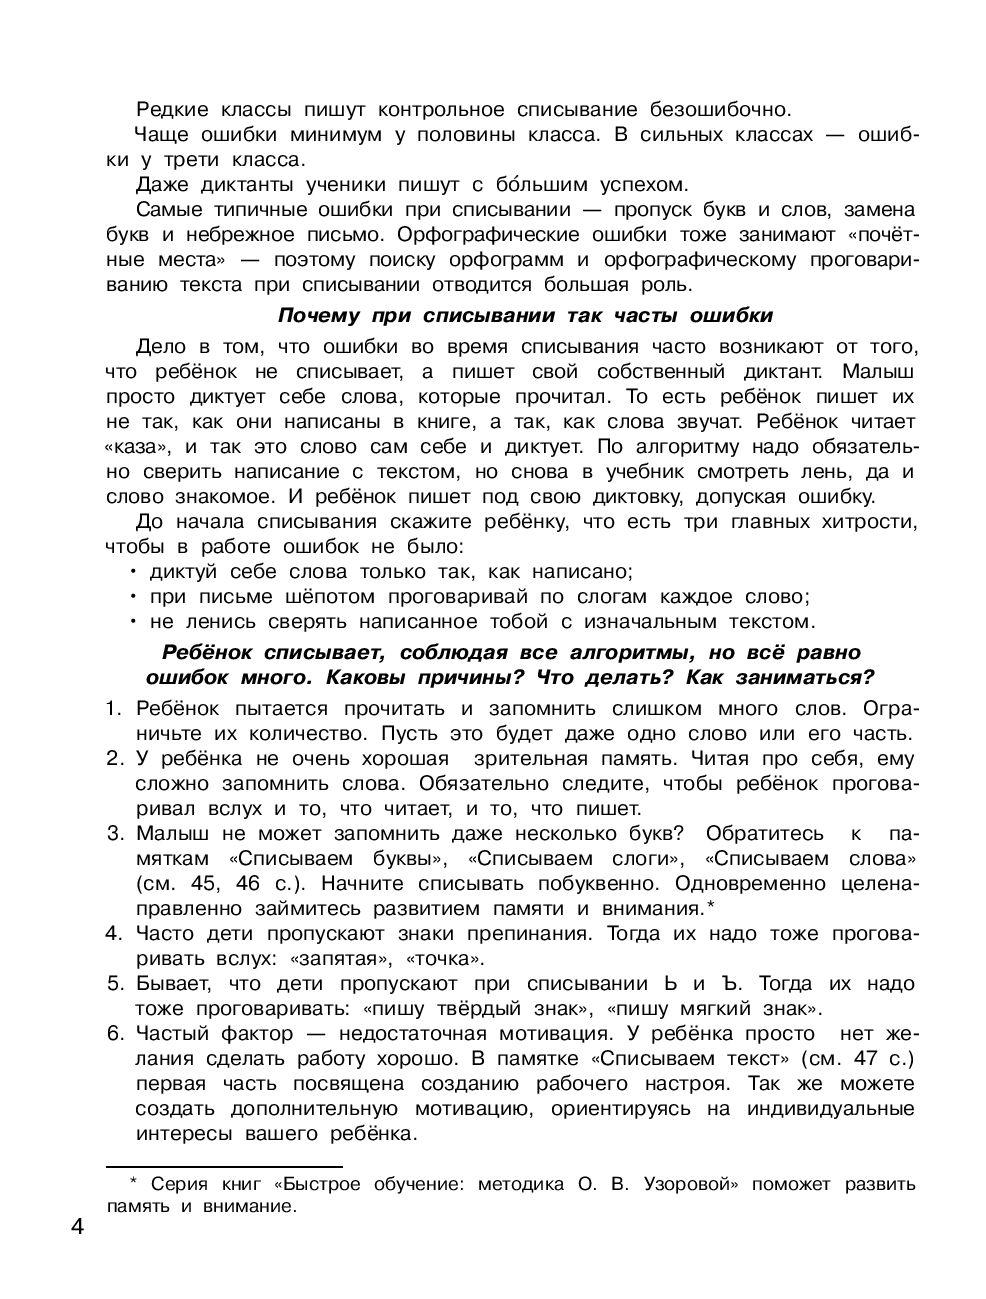 Контрольное списывание класс Елена Нефедова Ольга Узорова   Контрольное списывание 2 класс фото картинка 4